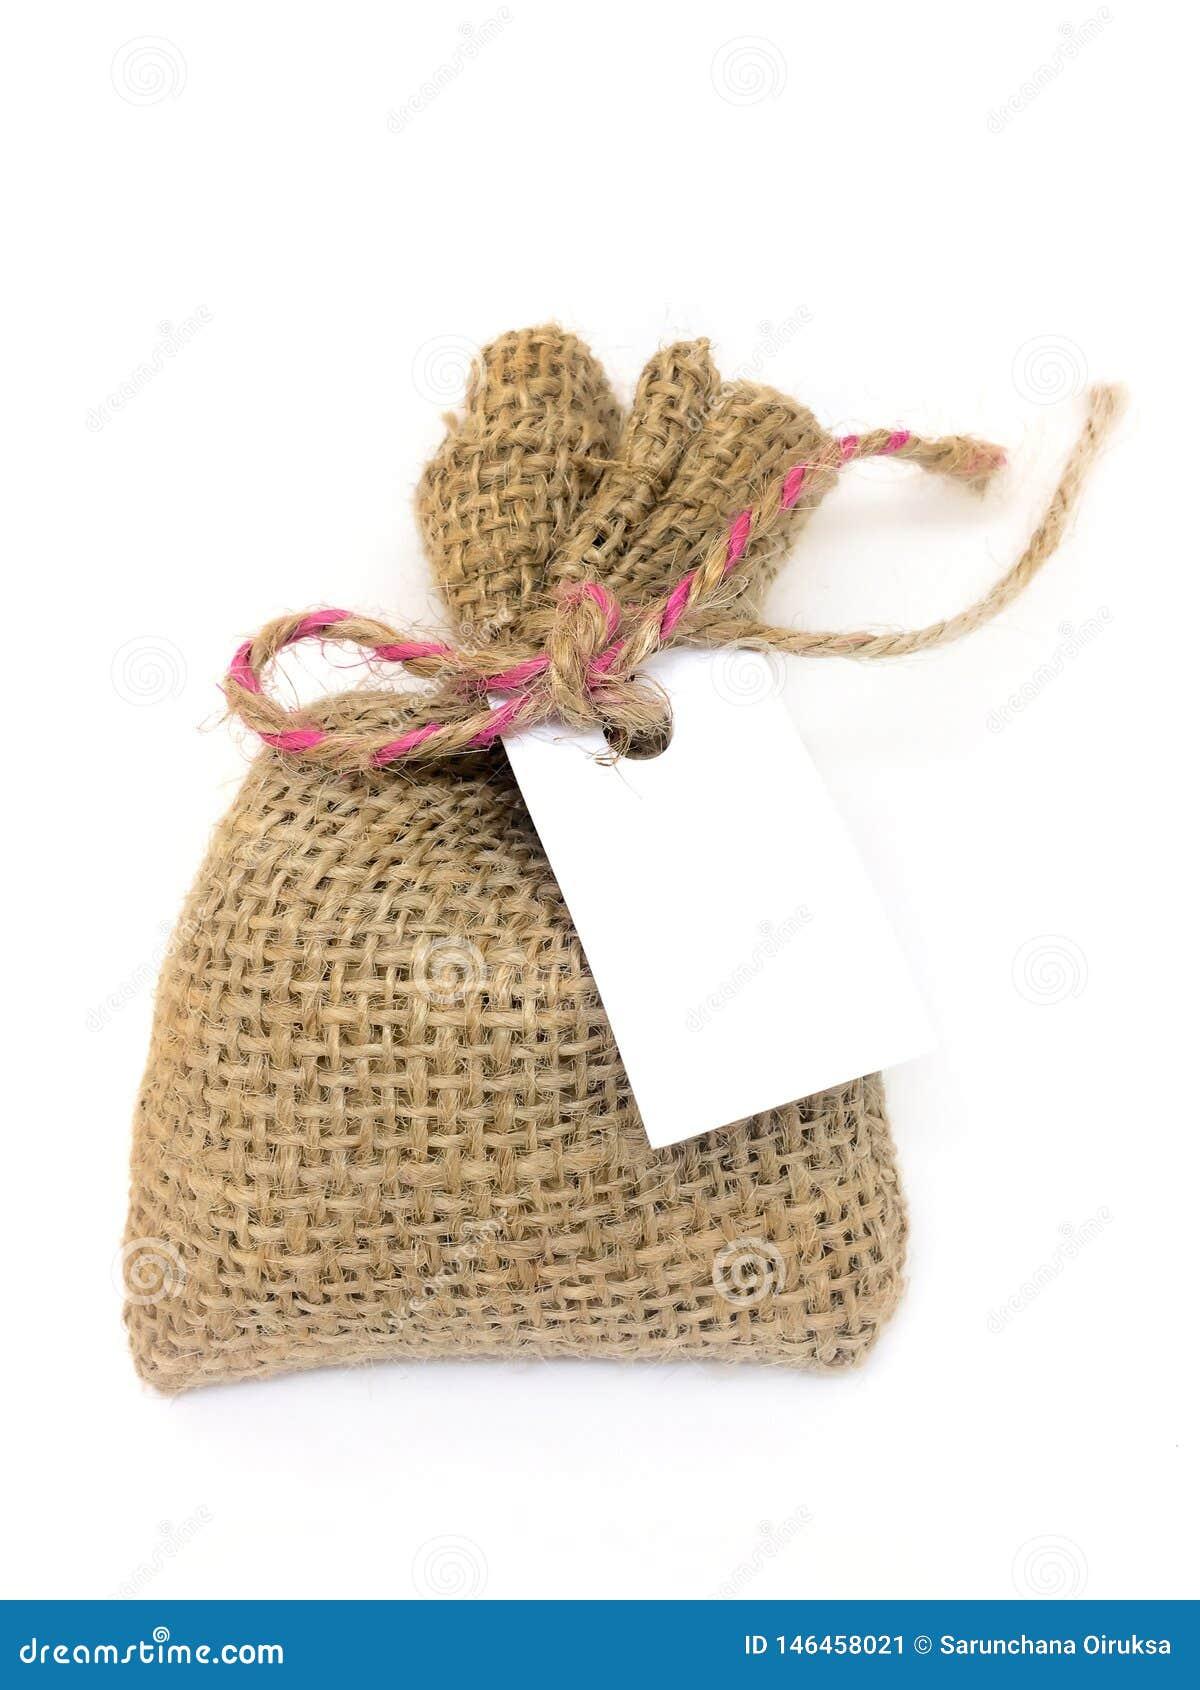 Sacs à sacs de sac ou sacs séparés sur un fond blanc, et un chèque-cadeau pour écrire des messages